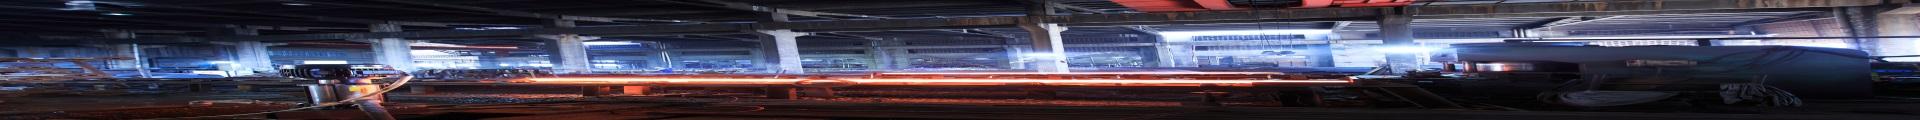 常州市天展钢管有限公司